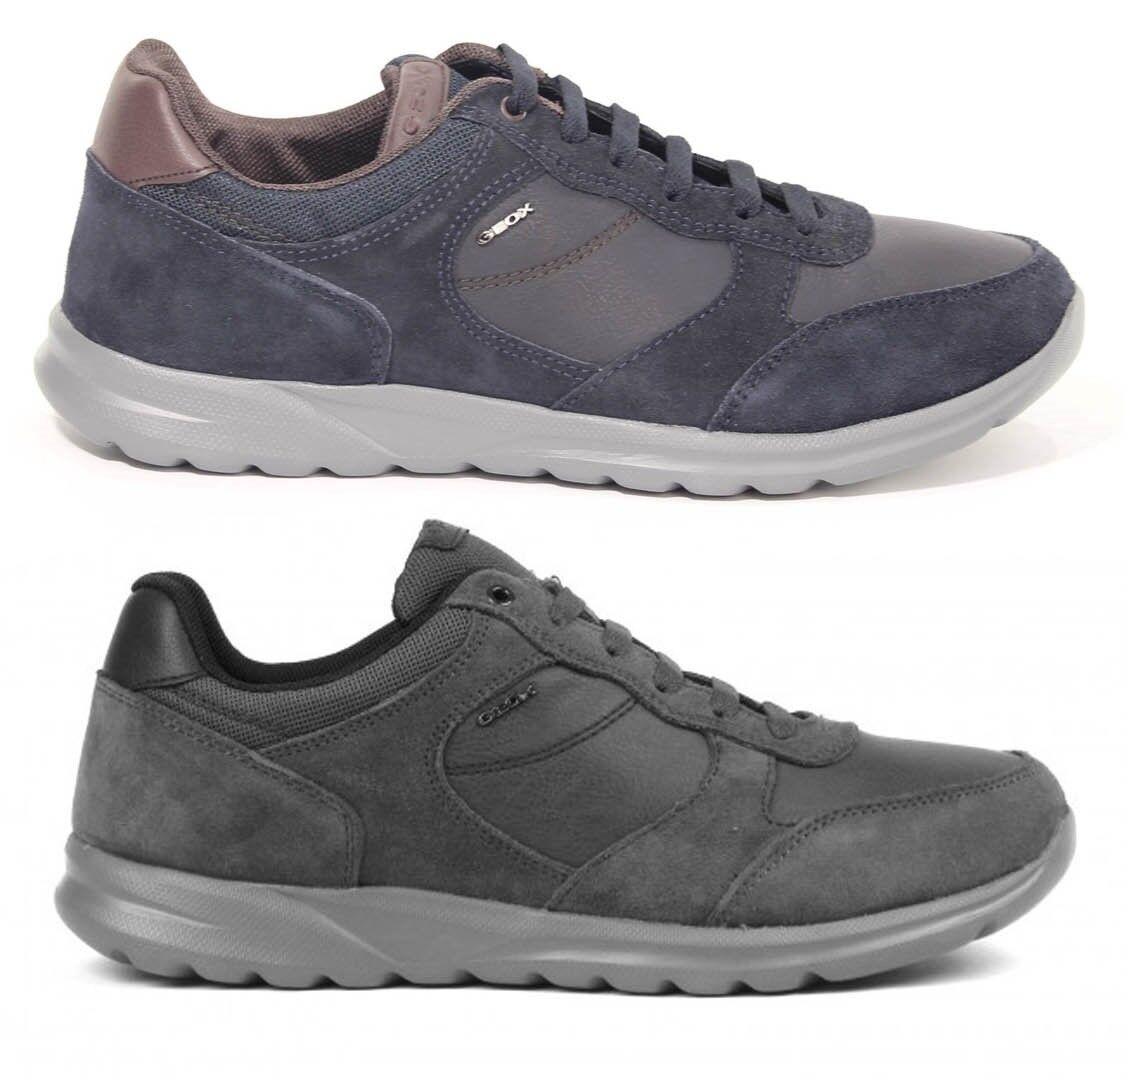 GEOX DAMIAN U740HA dunkelblau anthrazit Schuhe Turnschuhe für Herren Leder Gämse      Mama kaufte ein bequemes, Baby ist glücklich